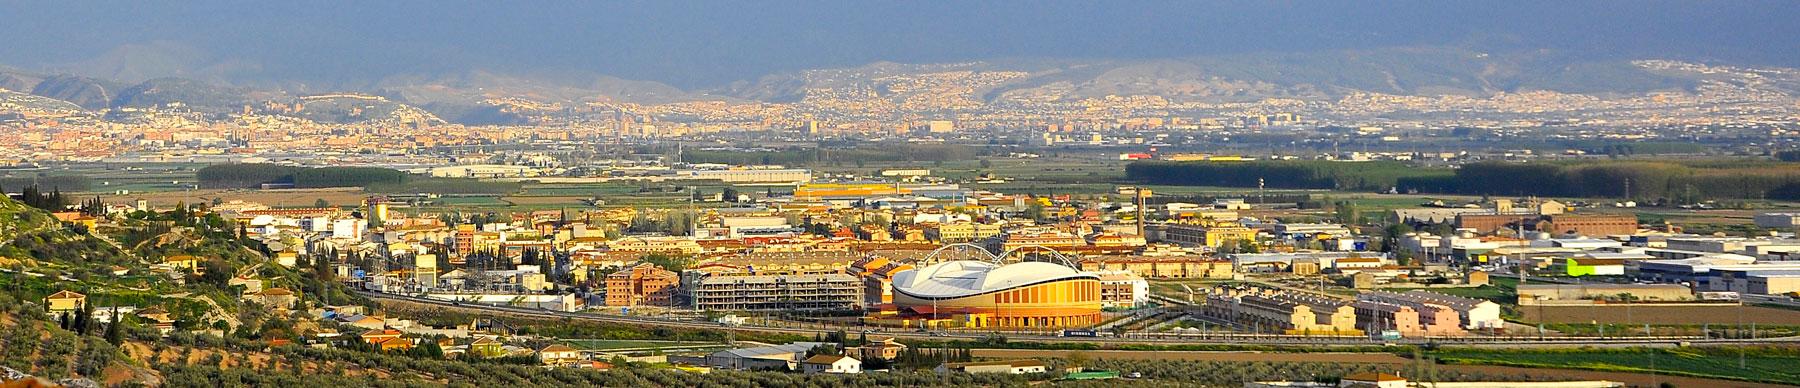 Nuestro pueblo - Vista general panoramica